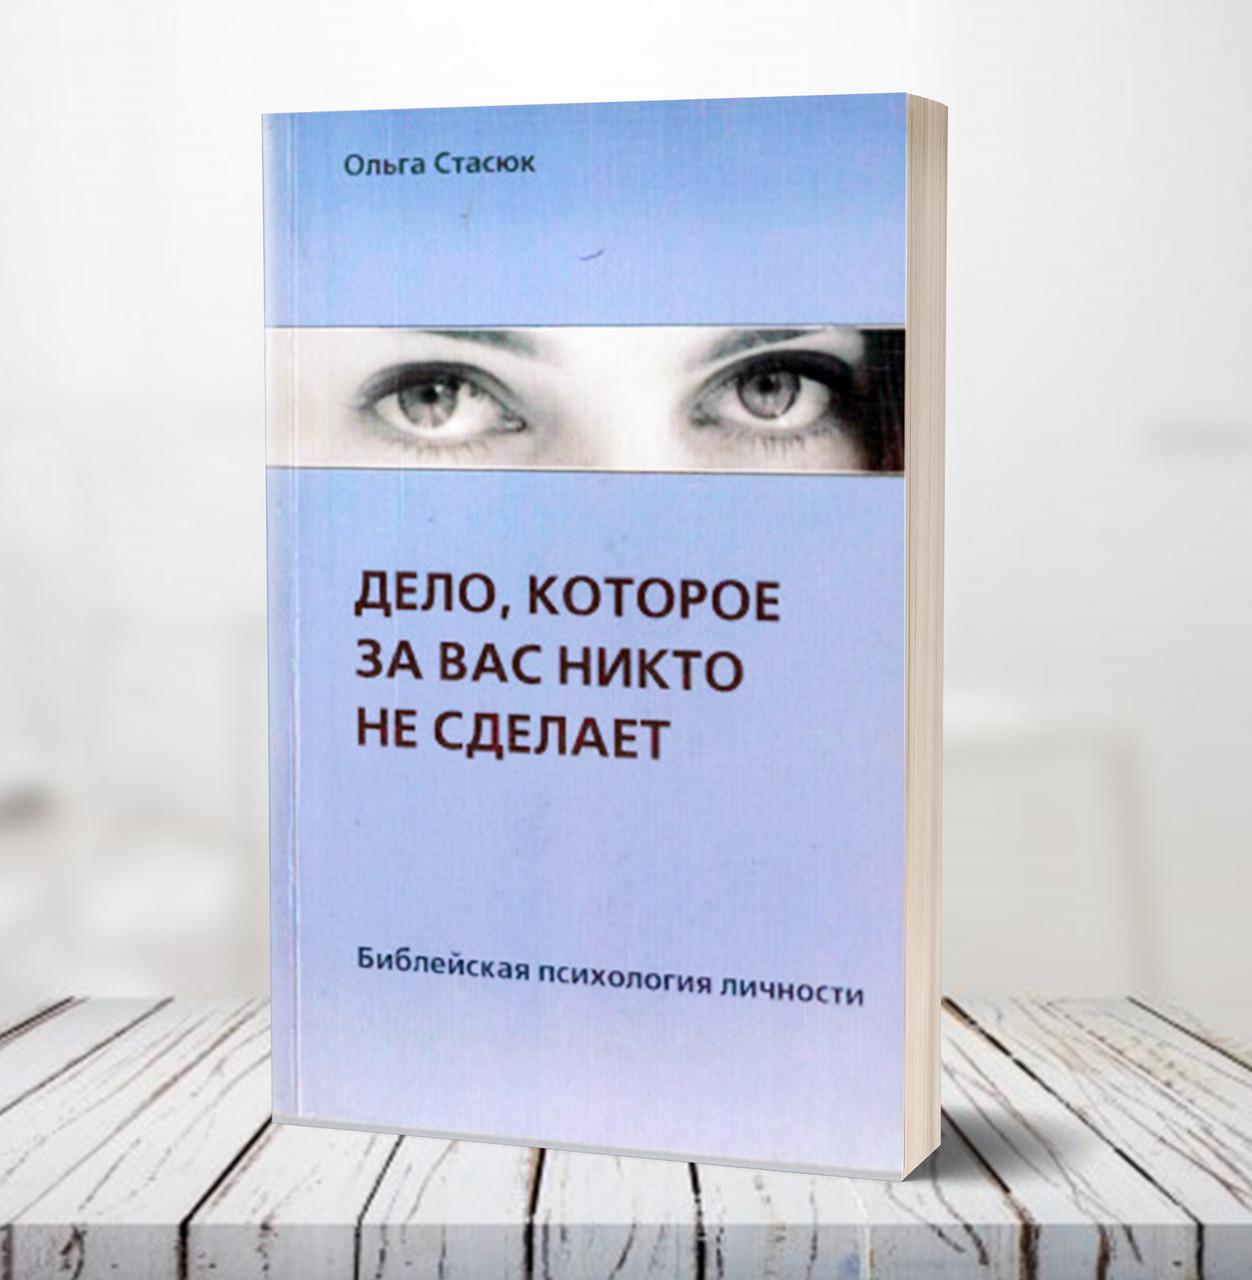 Дело, которое за вас никто не сделает – Ольга Стасюк